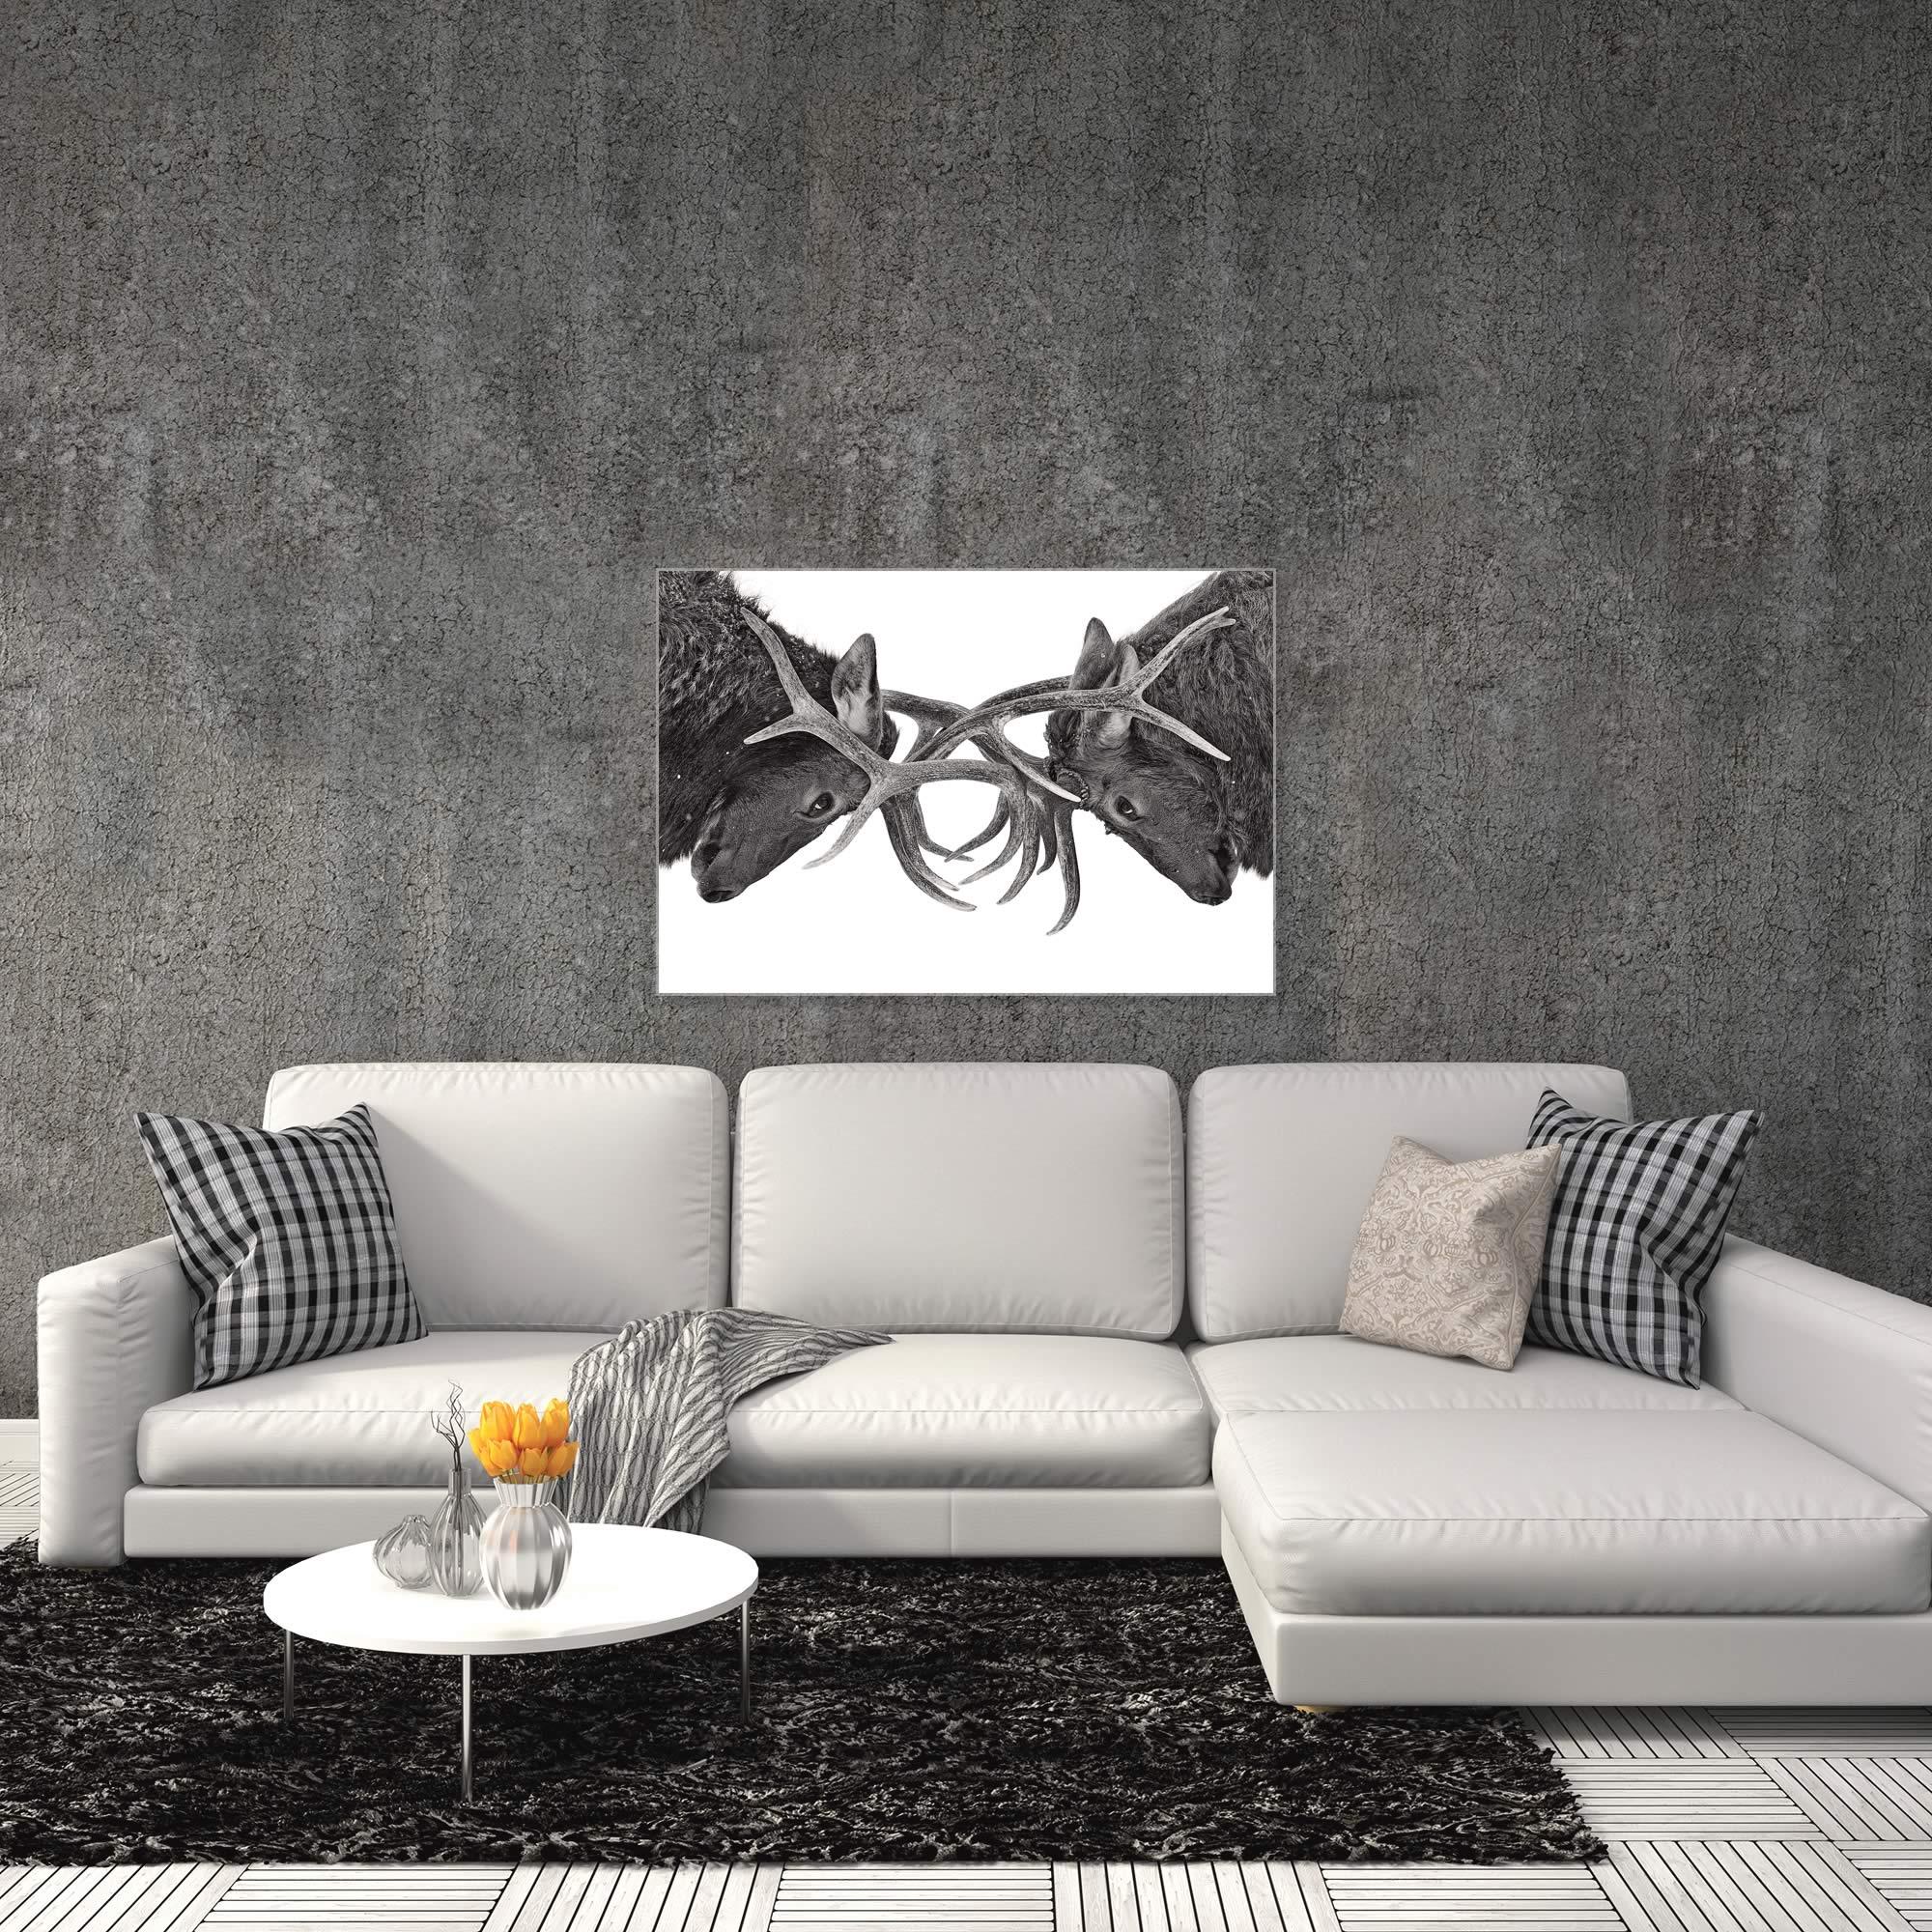 Antler to Antler by Jim Cumming - Deer Antlers Art on Metal or Acrylic - Alternate View 3